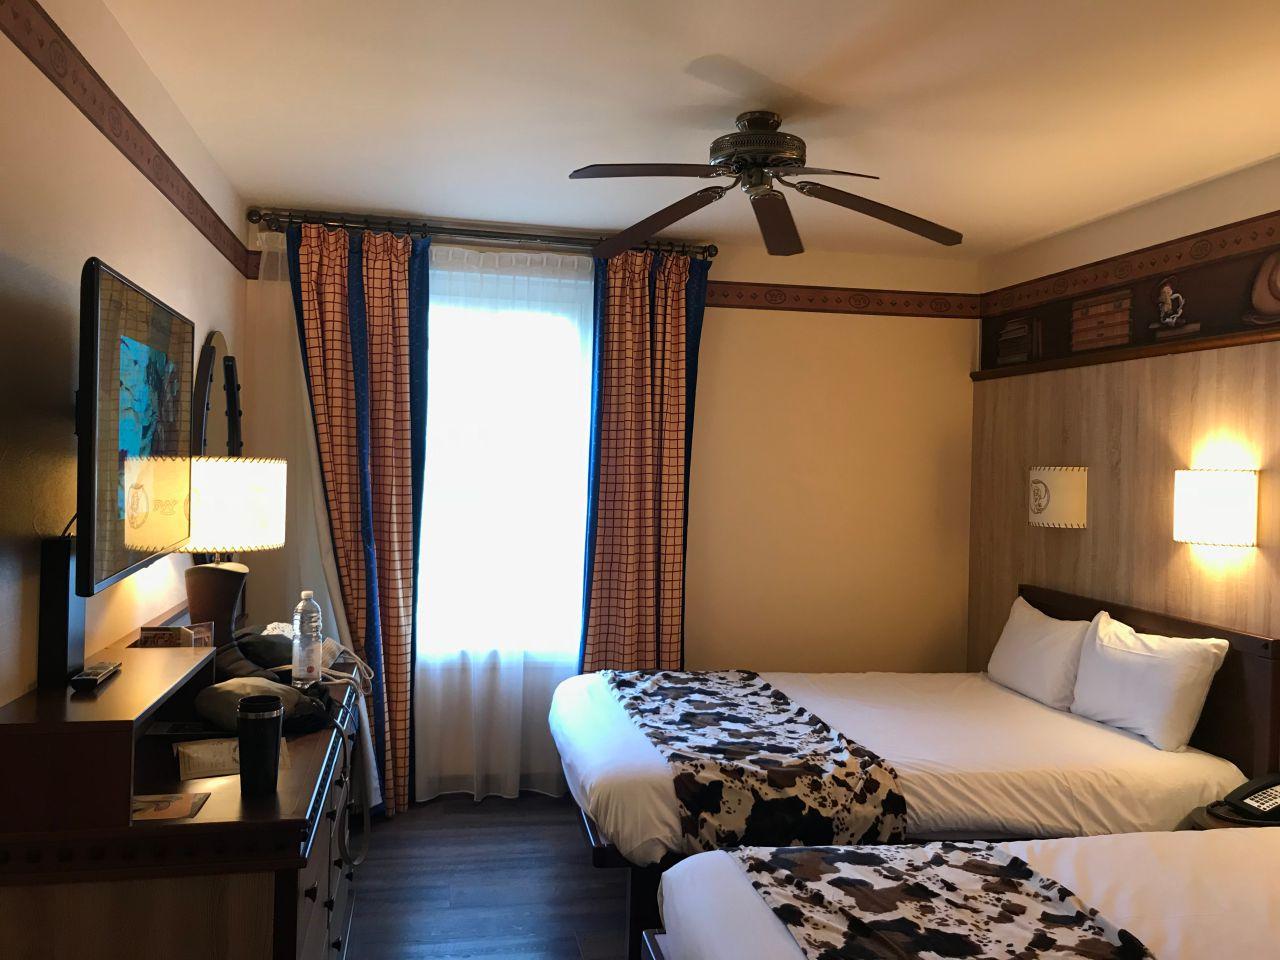 Hotel Cheyenne Disneyland Paris im Juli 2018